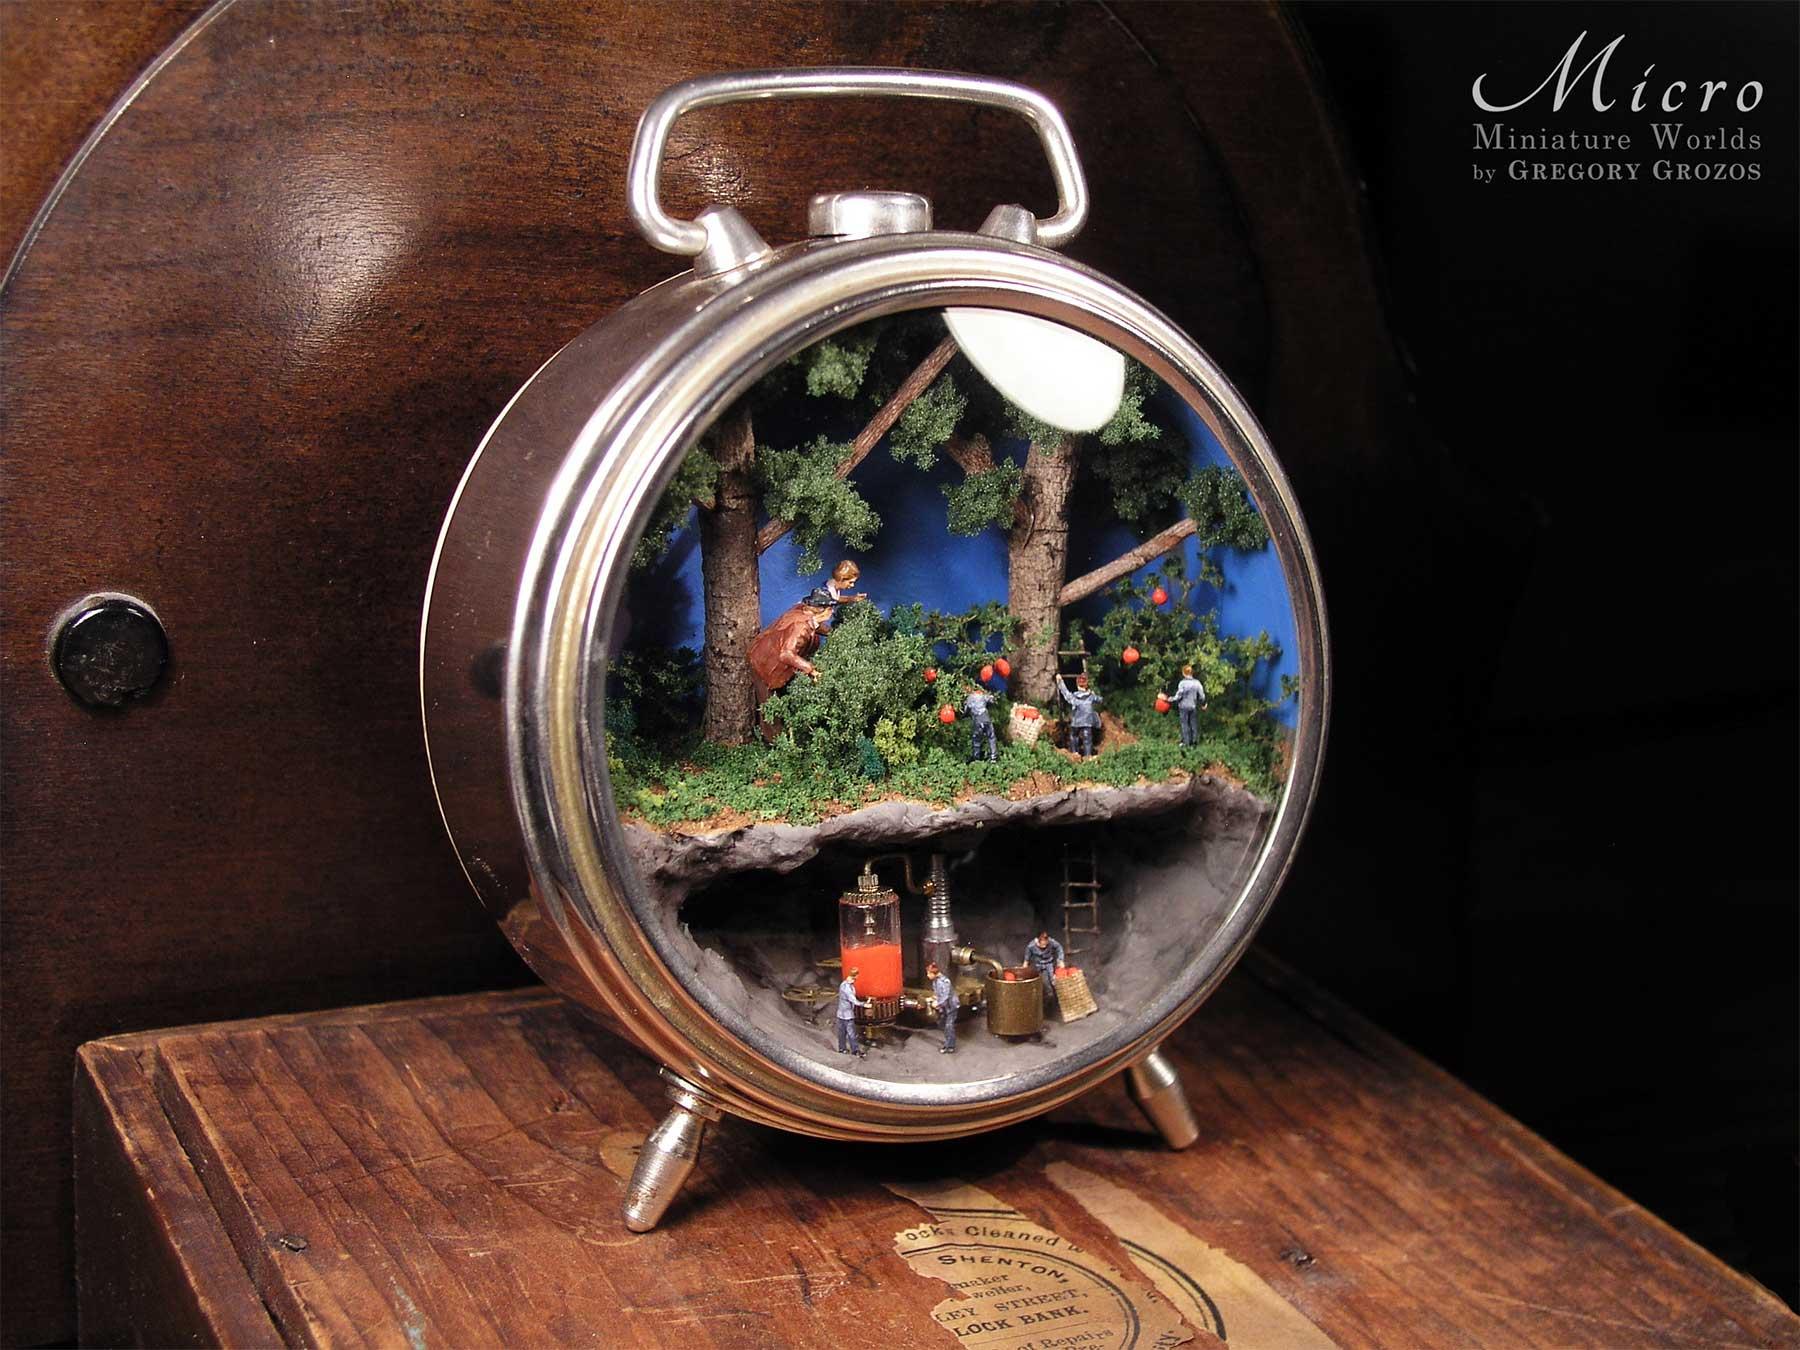 Gregory Grozos erstellt Miniaturwelten in Taschenuhren und Co. Gregory-Grozos-mirco-miniature-worlds_03